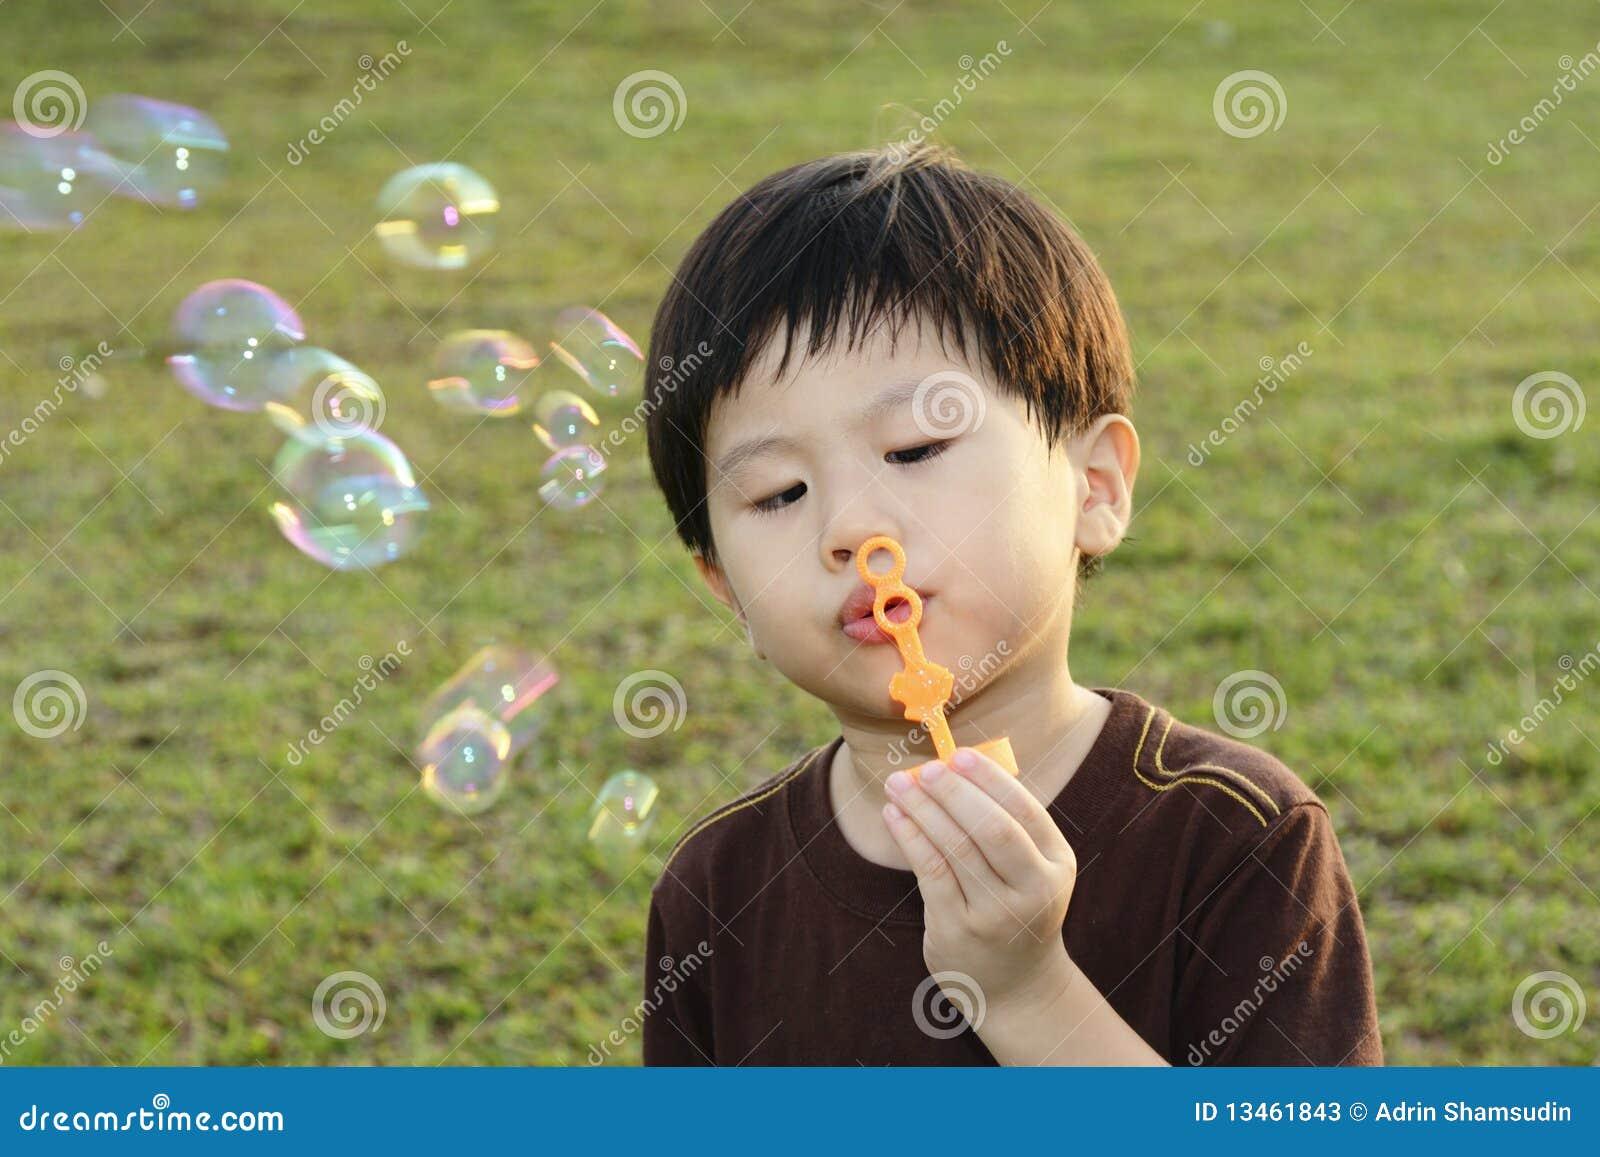 blowing boy